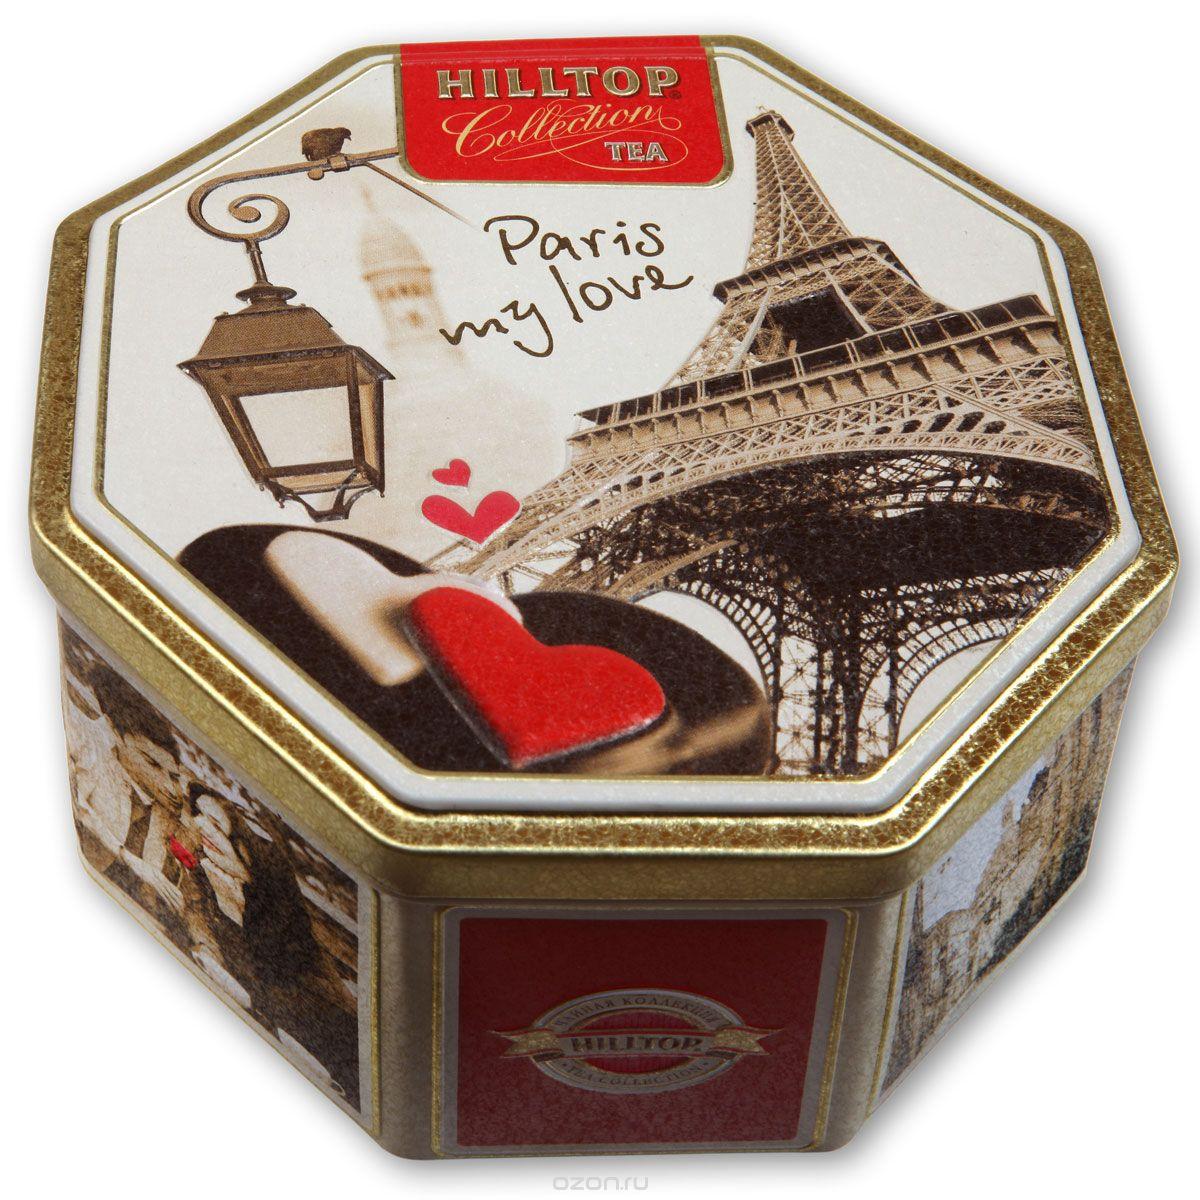 Hilltop Парижские каникулы набор зеленого и черного листового чая, 150 г hilltop розы 1001 ночь набор зеленого и черного листового чая в музыкальной шкатулке 125 г